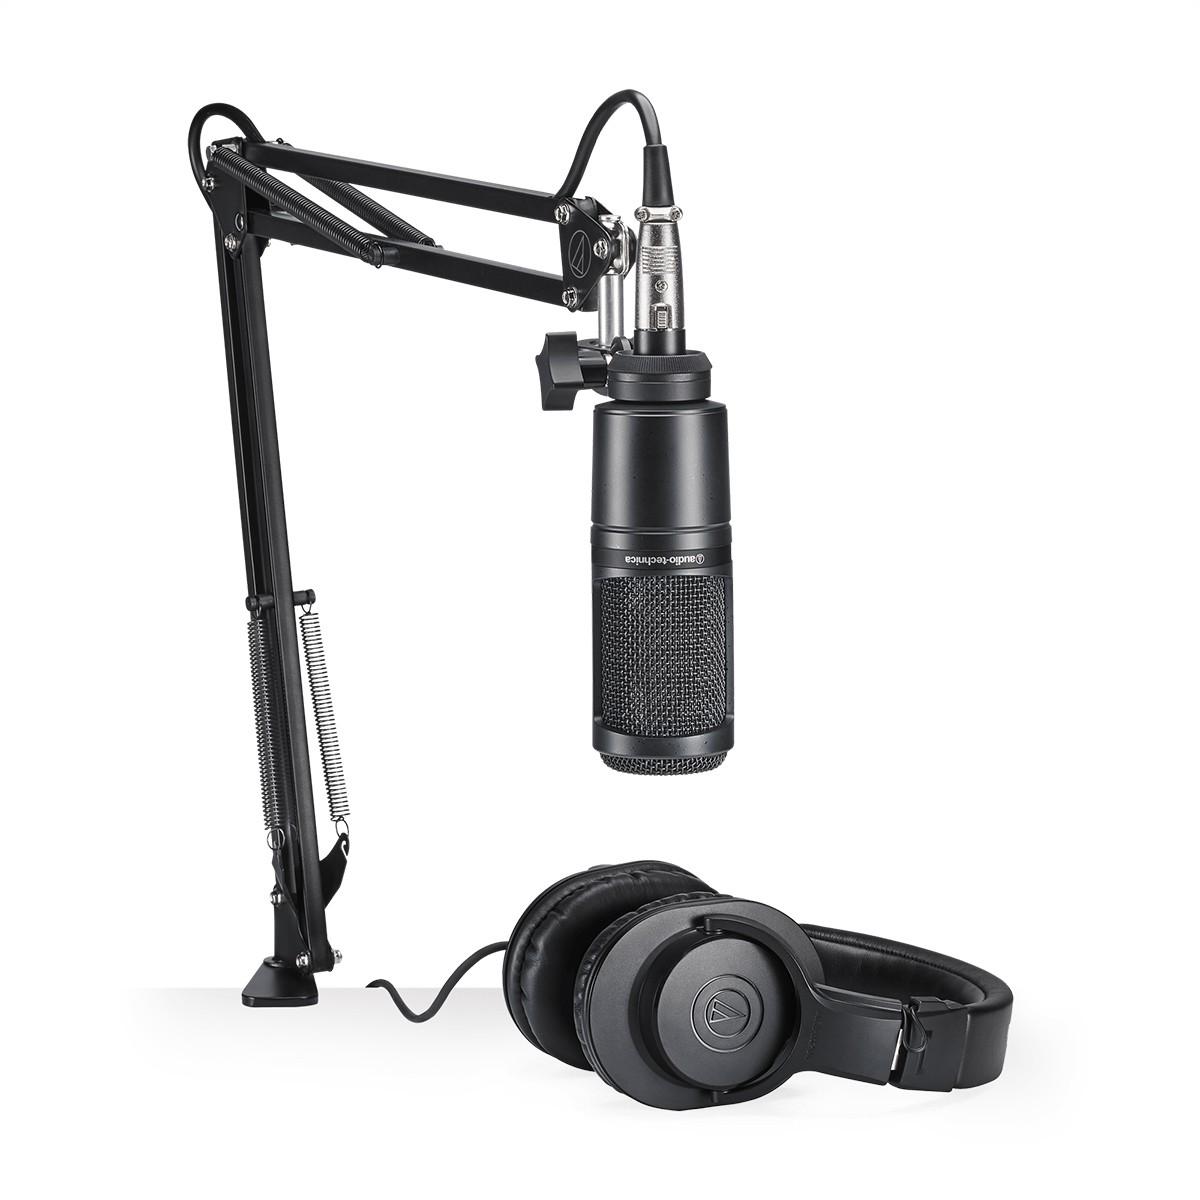 Kit Microfone Fone e Suporte Audio-technica AT2020PK